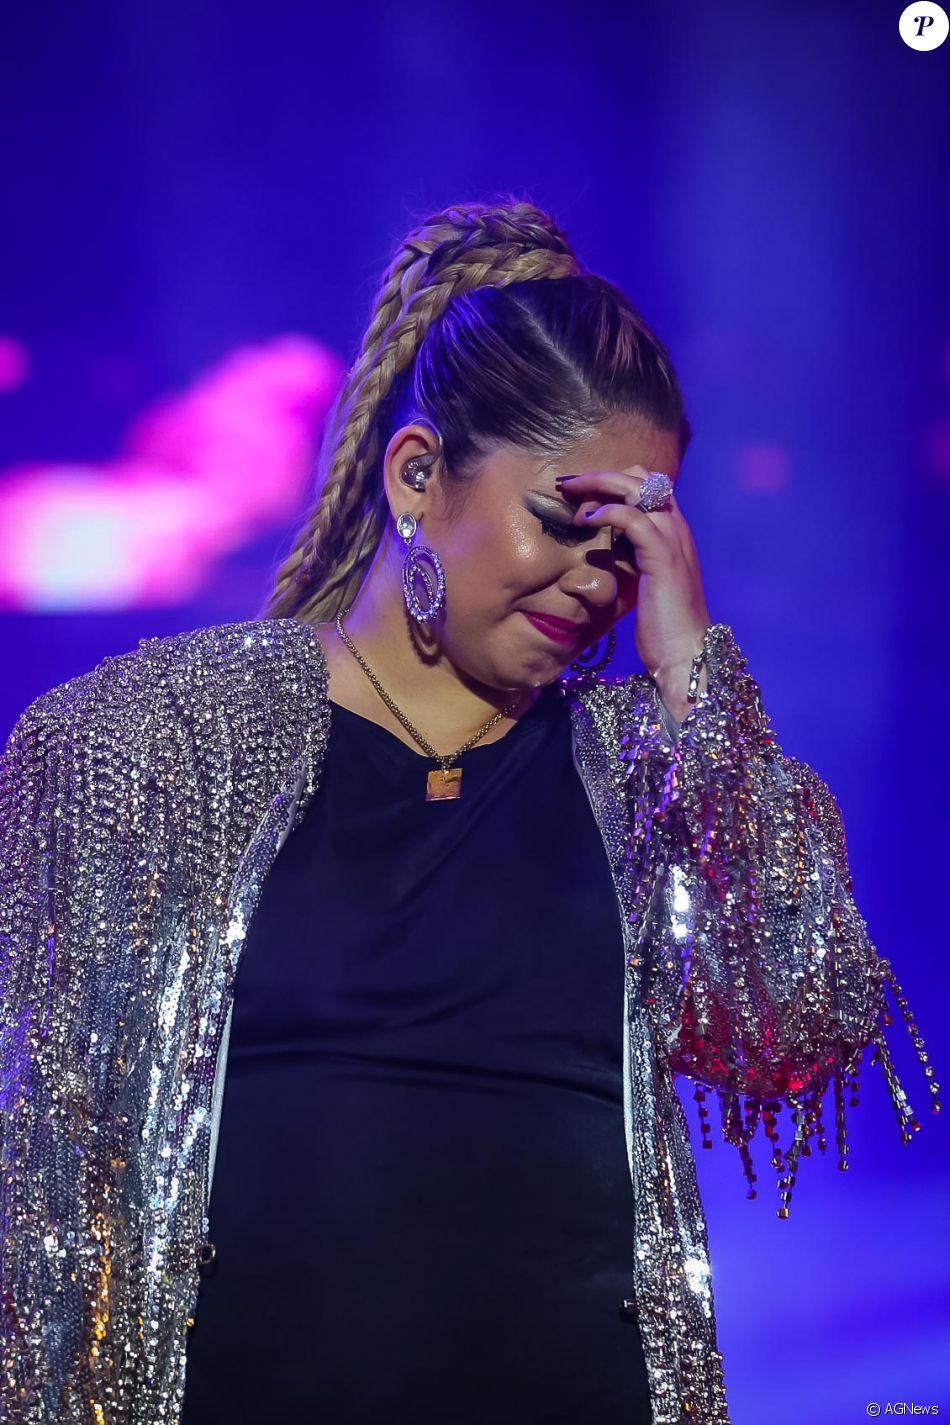 Marília Mendonça chorou durante show da turnê 'Festa das Patroas', no Anhembi, na noite dete sábado, 6 de maio de 2017